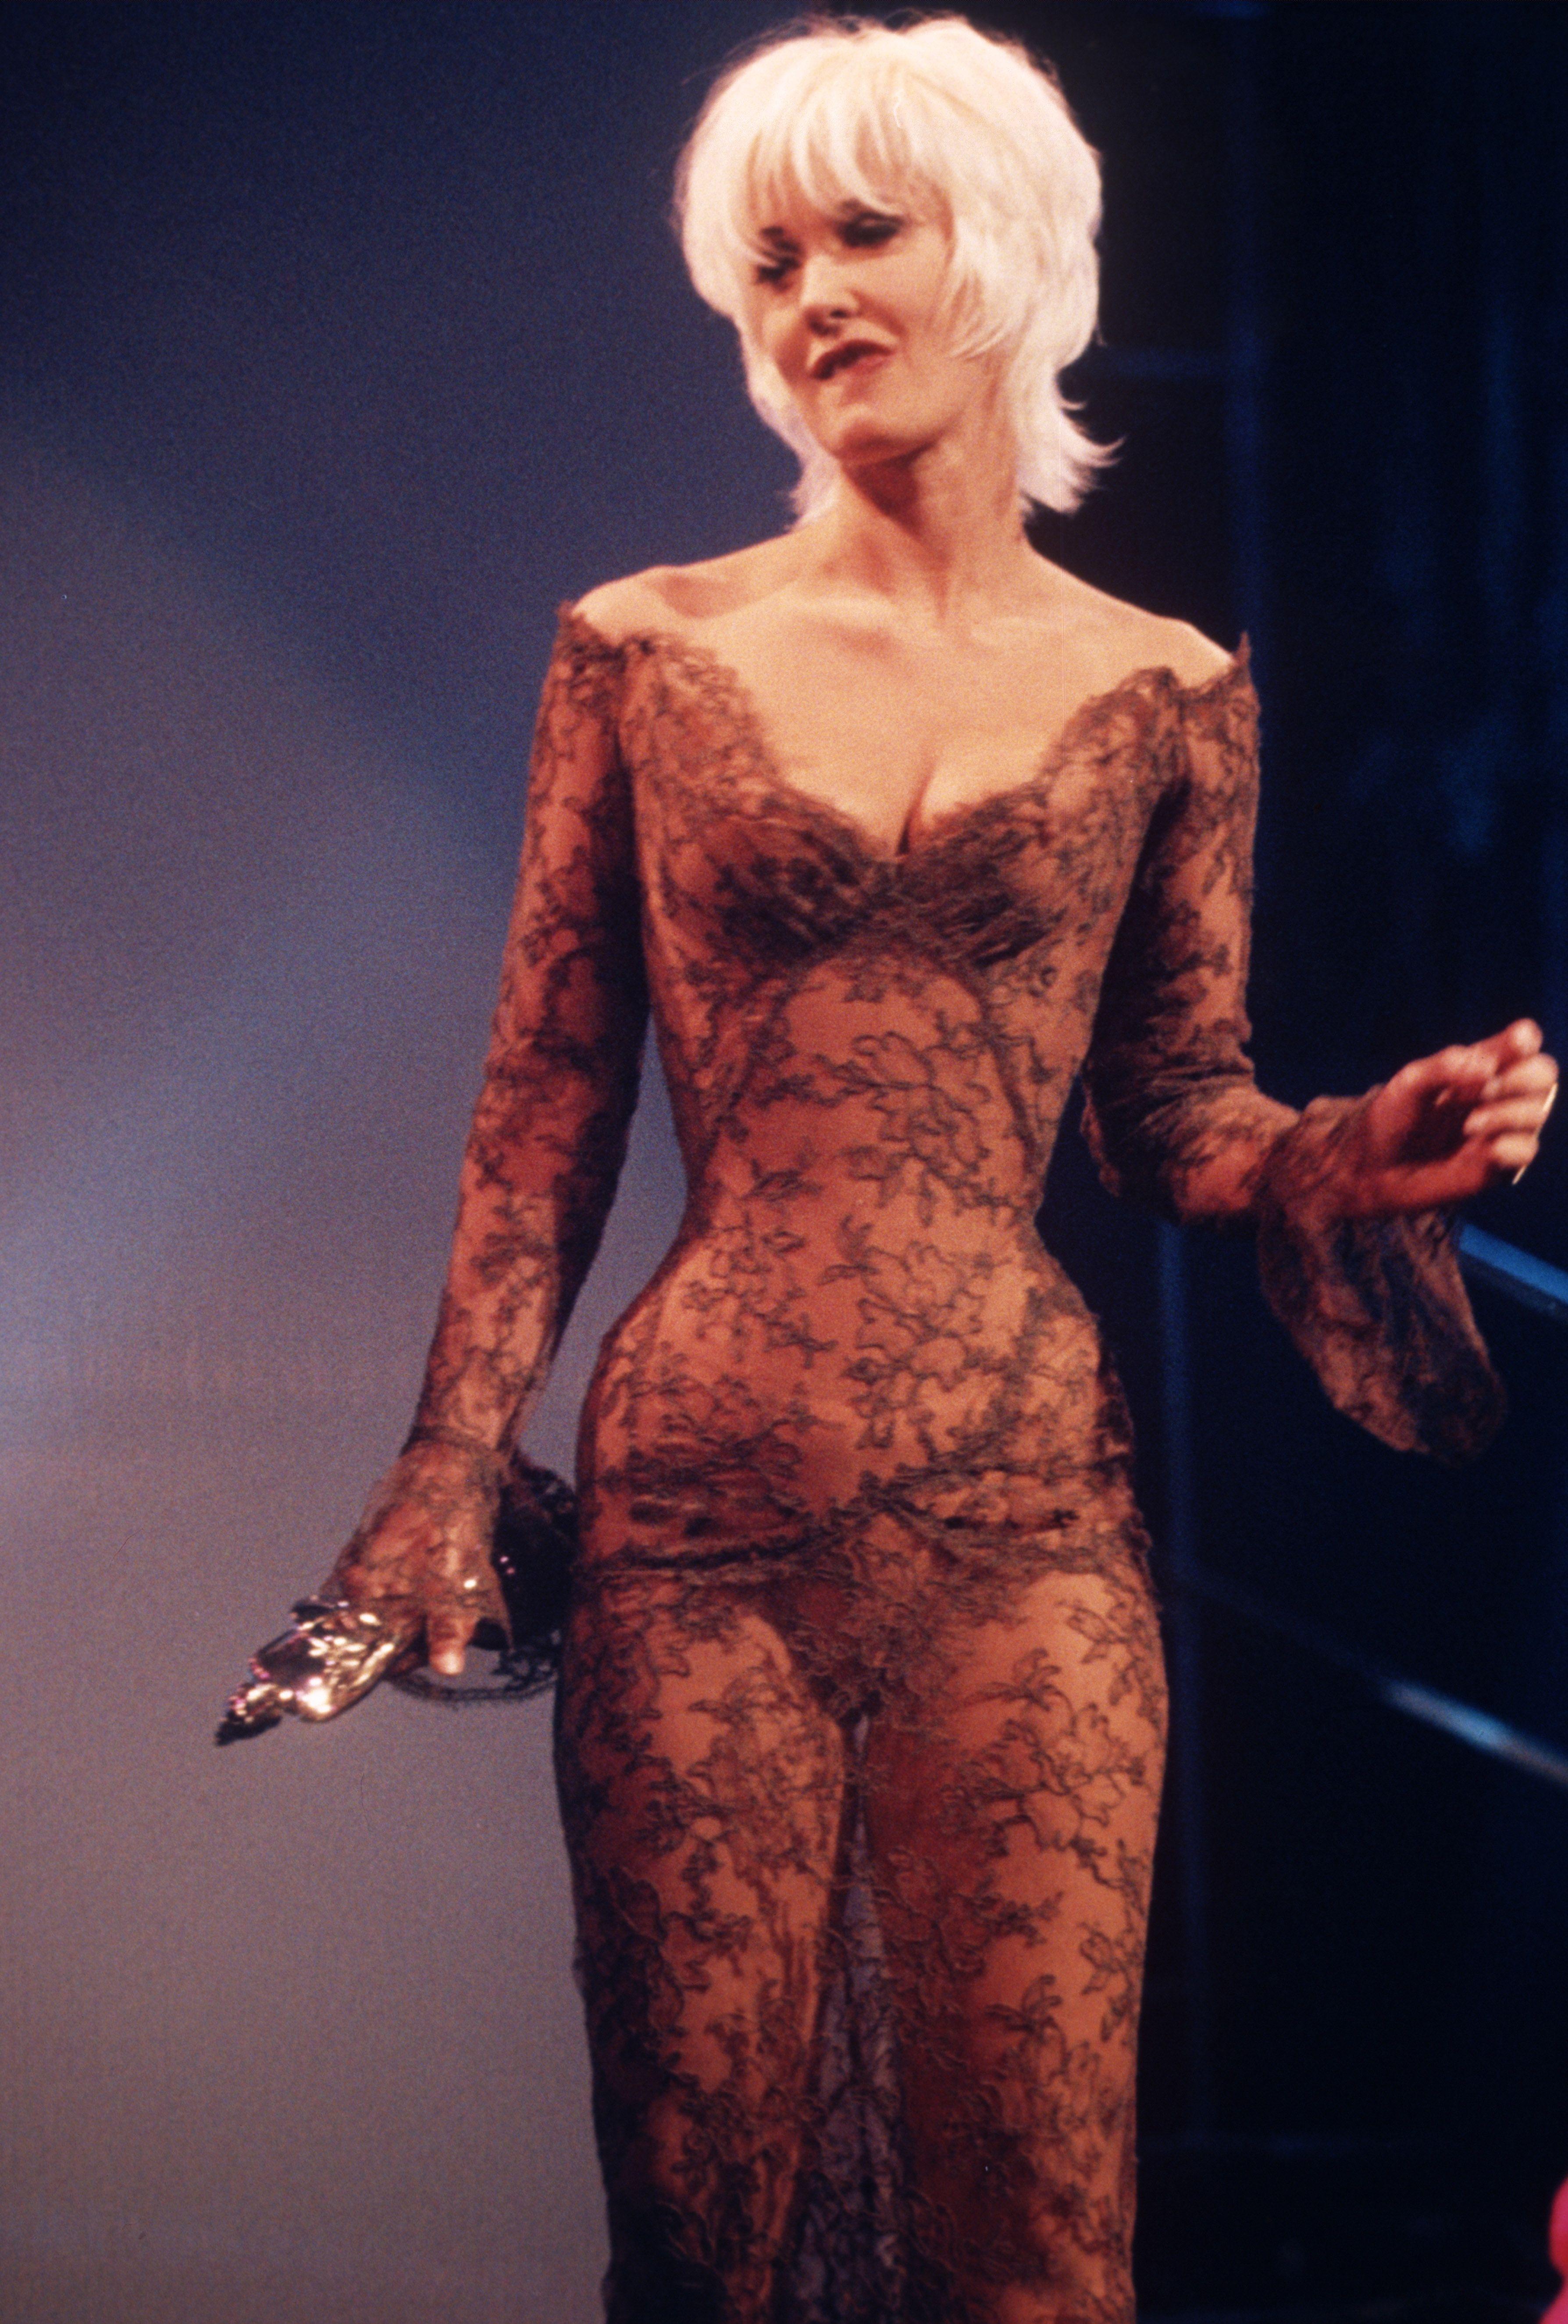 Bikini Paula Yates nudes (95 photo), Ass, Fappening, Feet, butt 2006